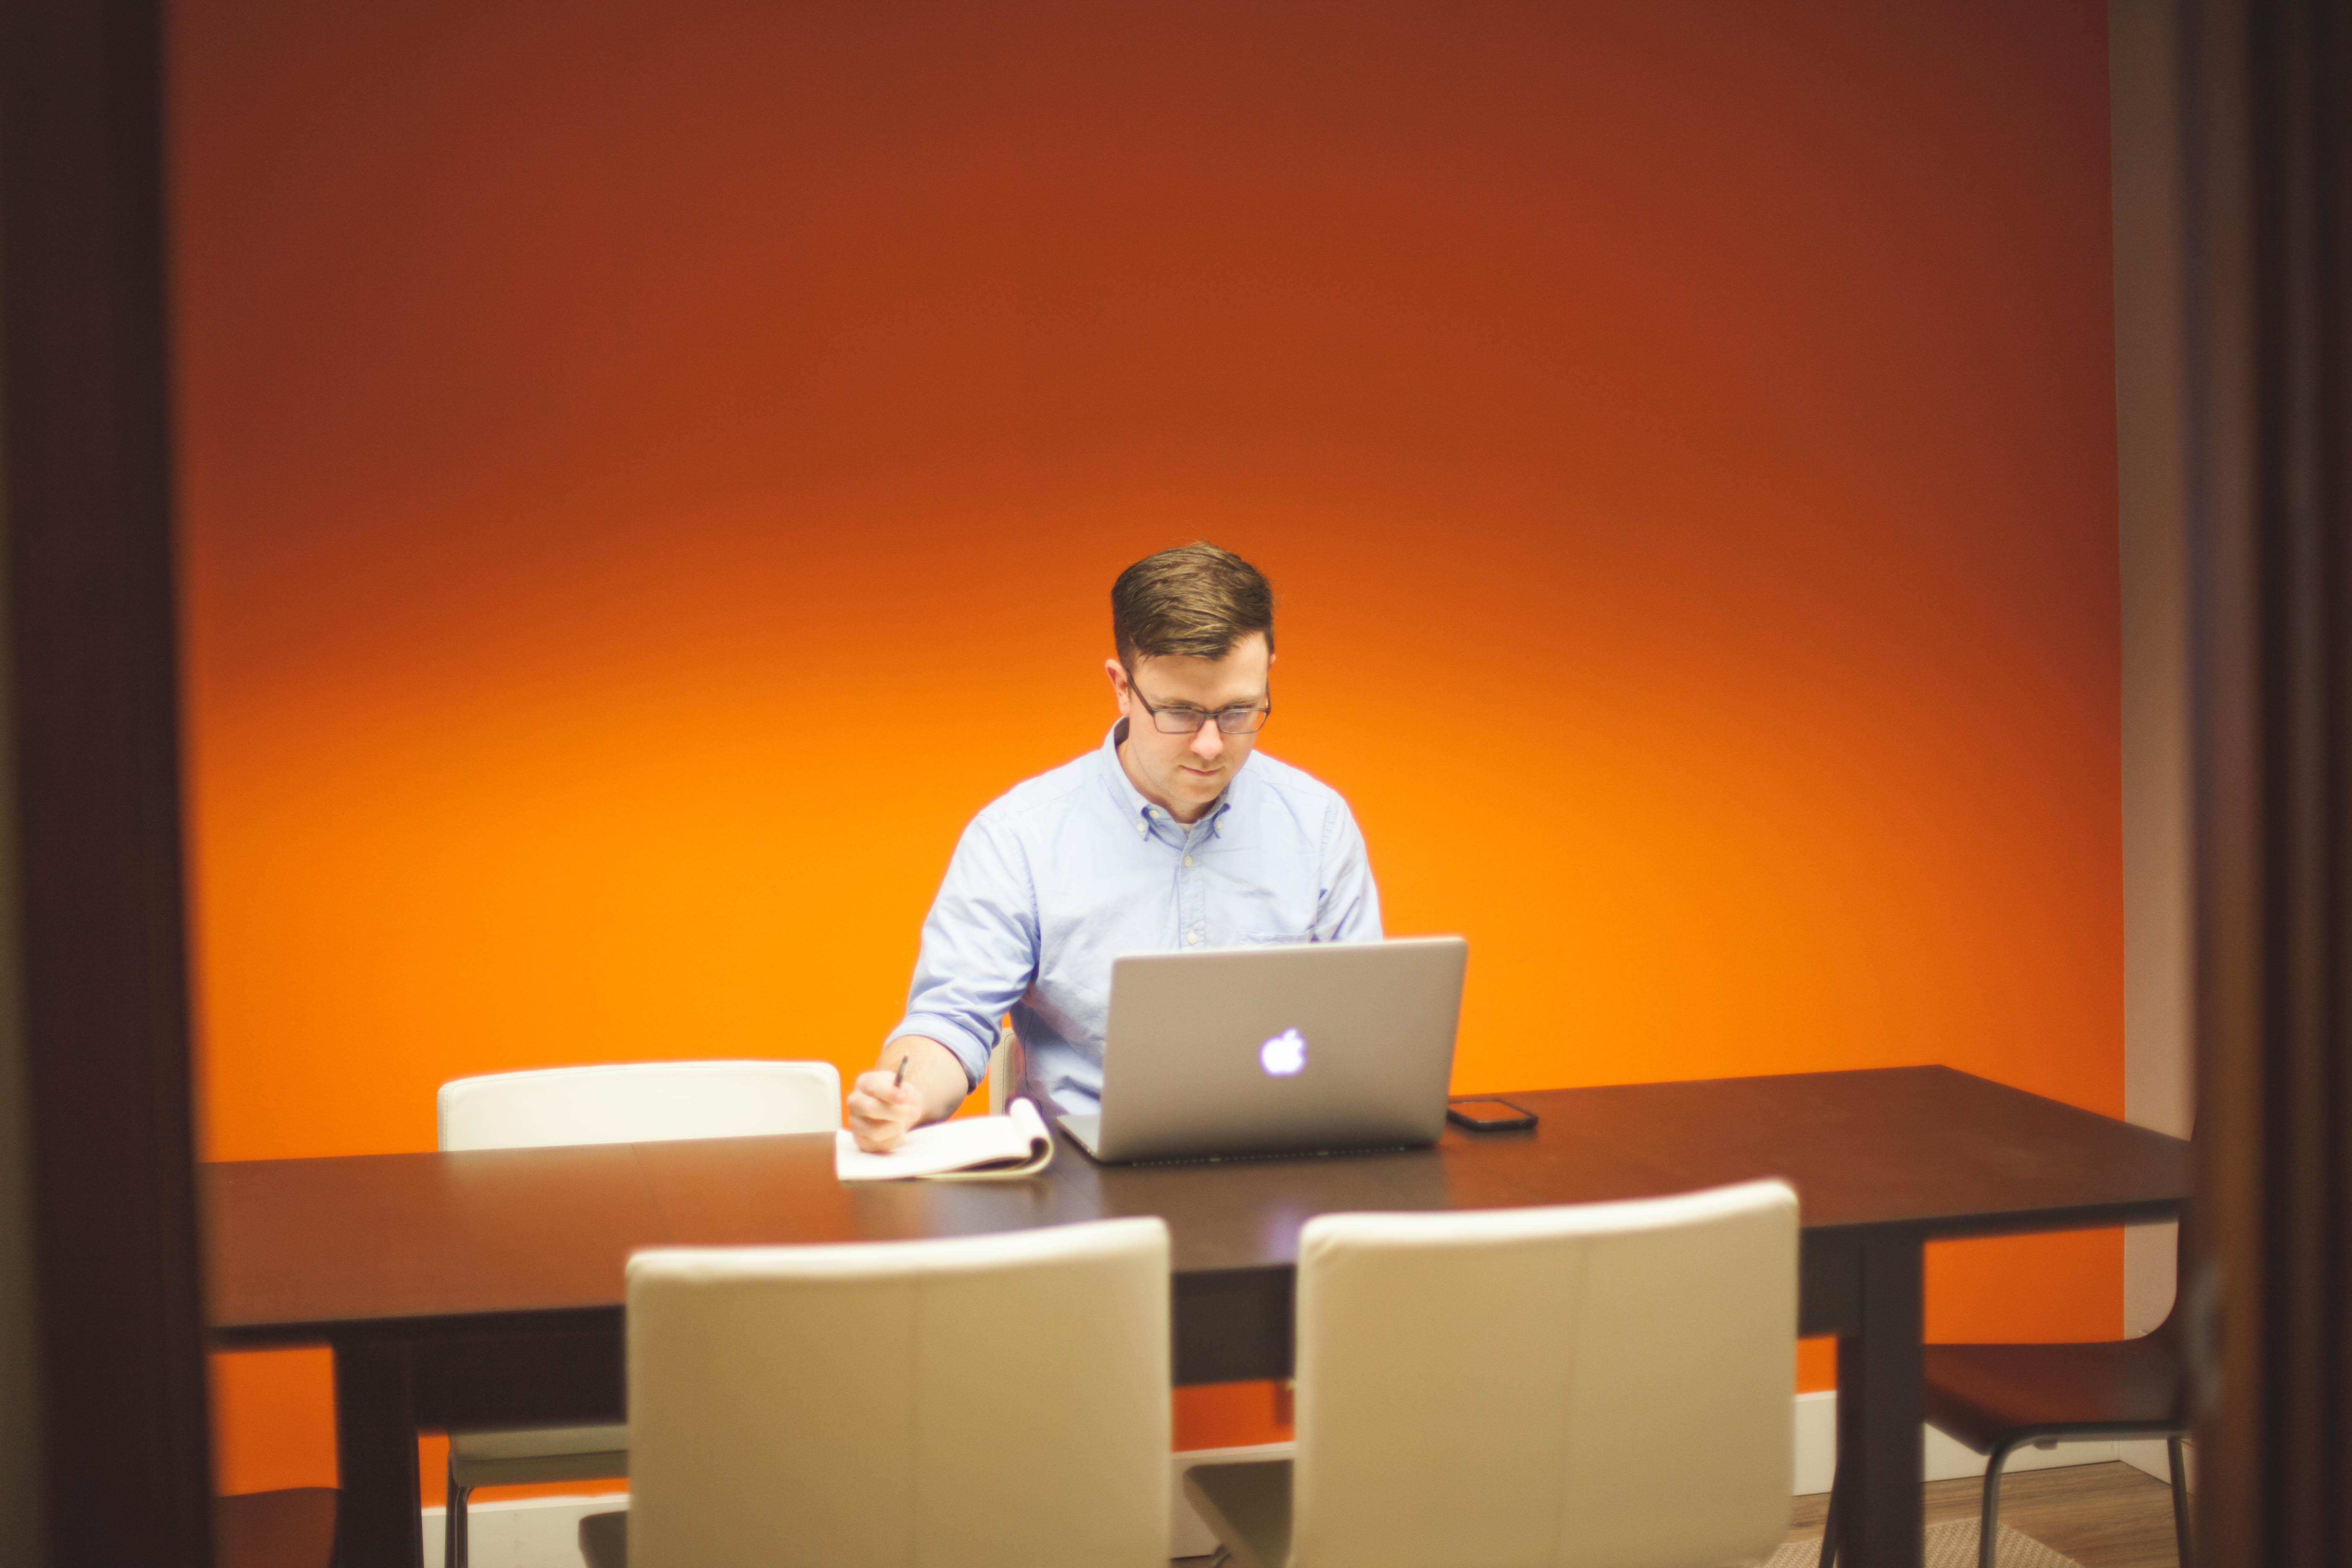 man-people-space-desk.jpg